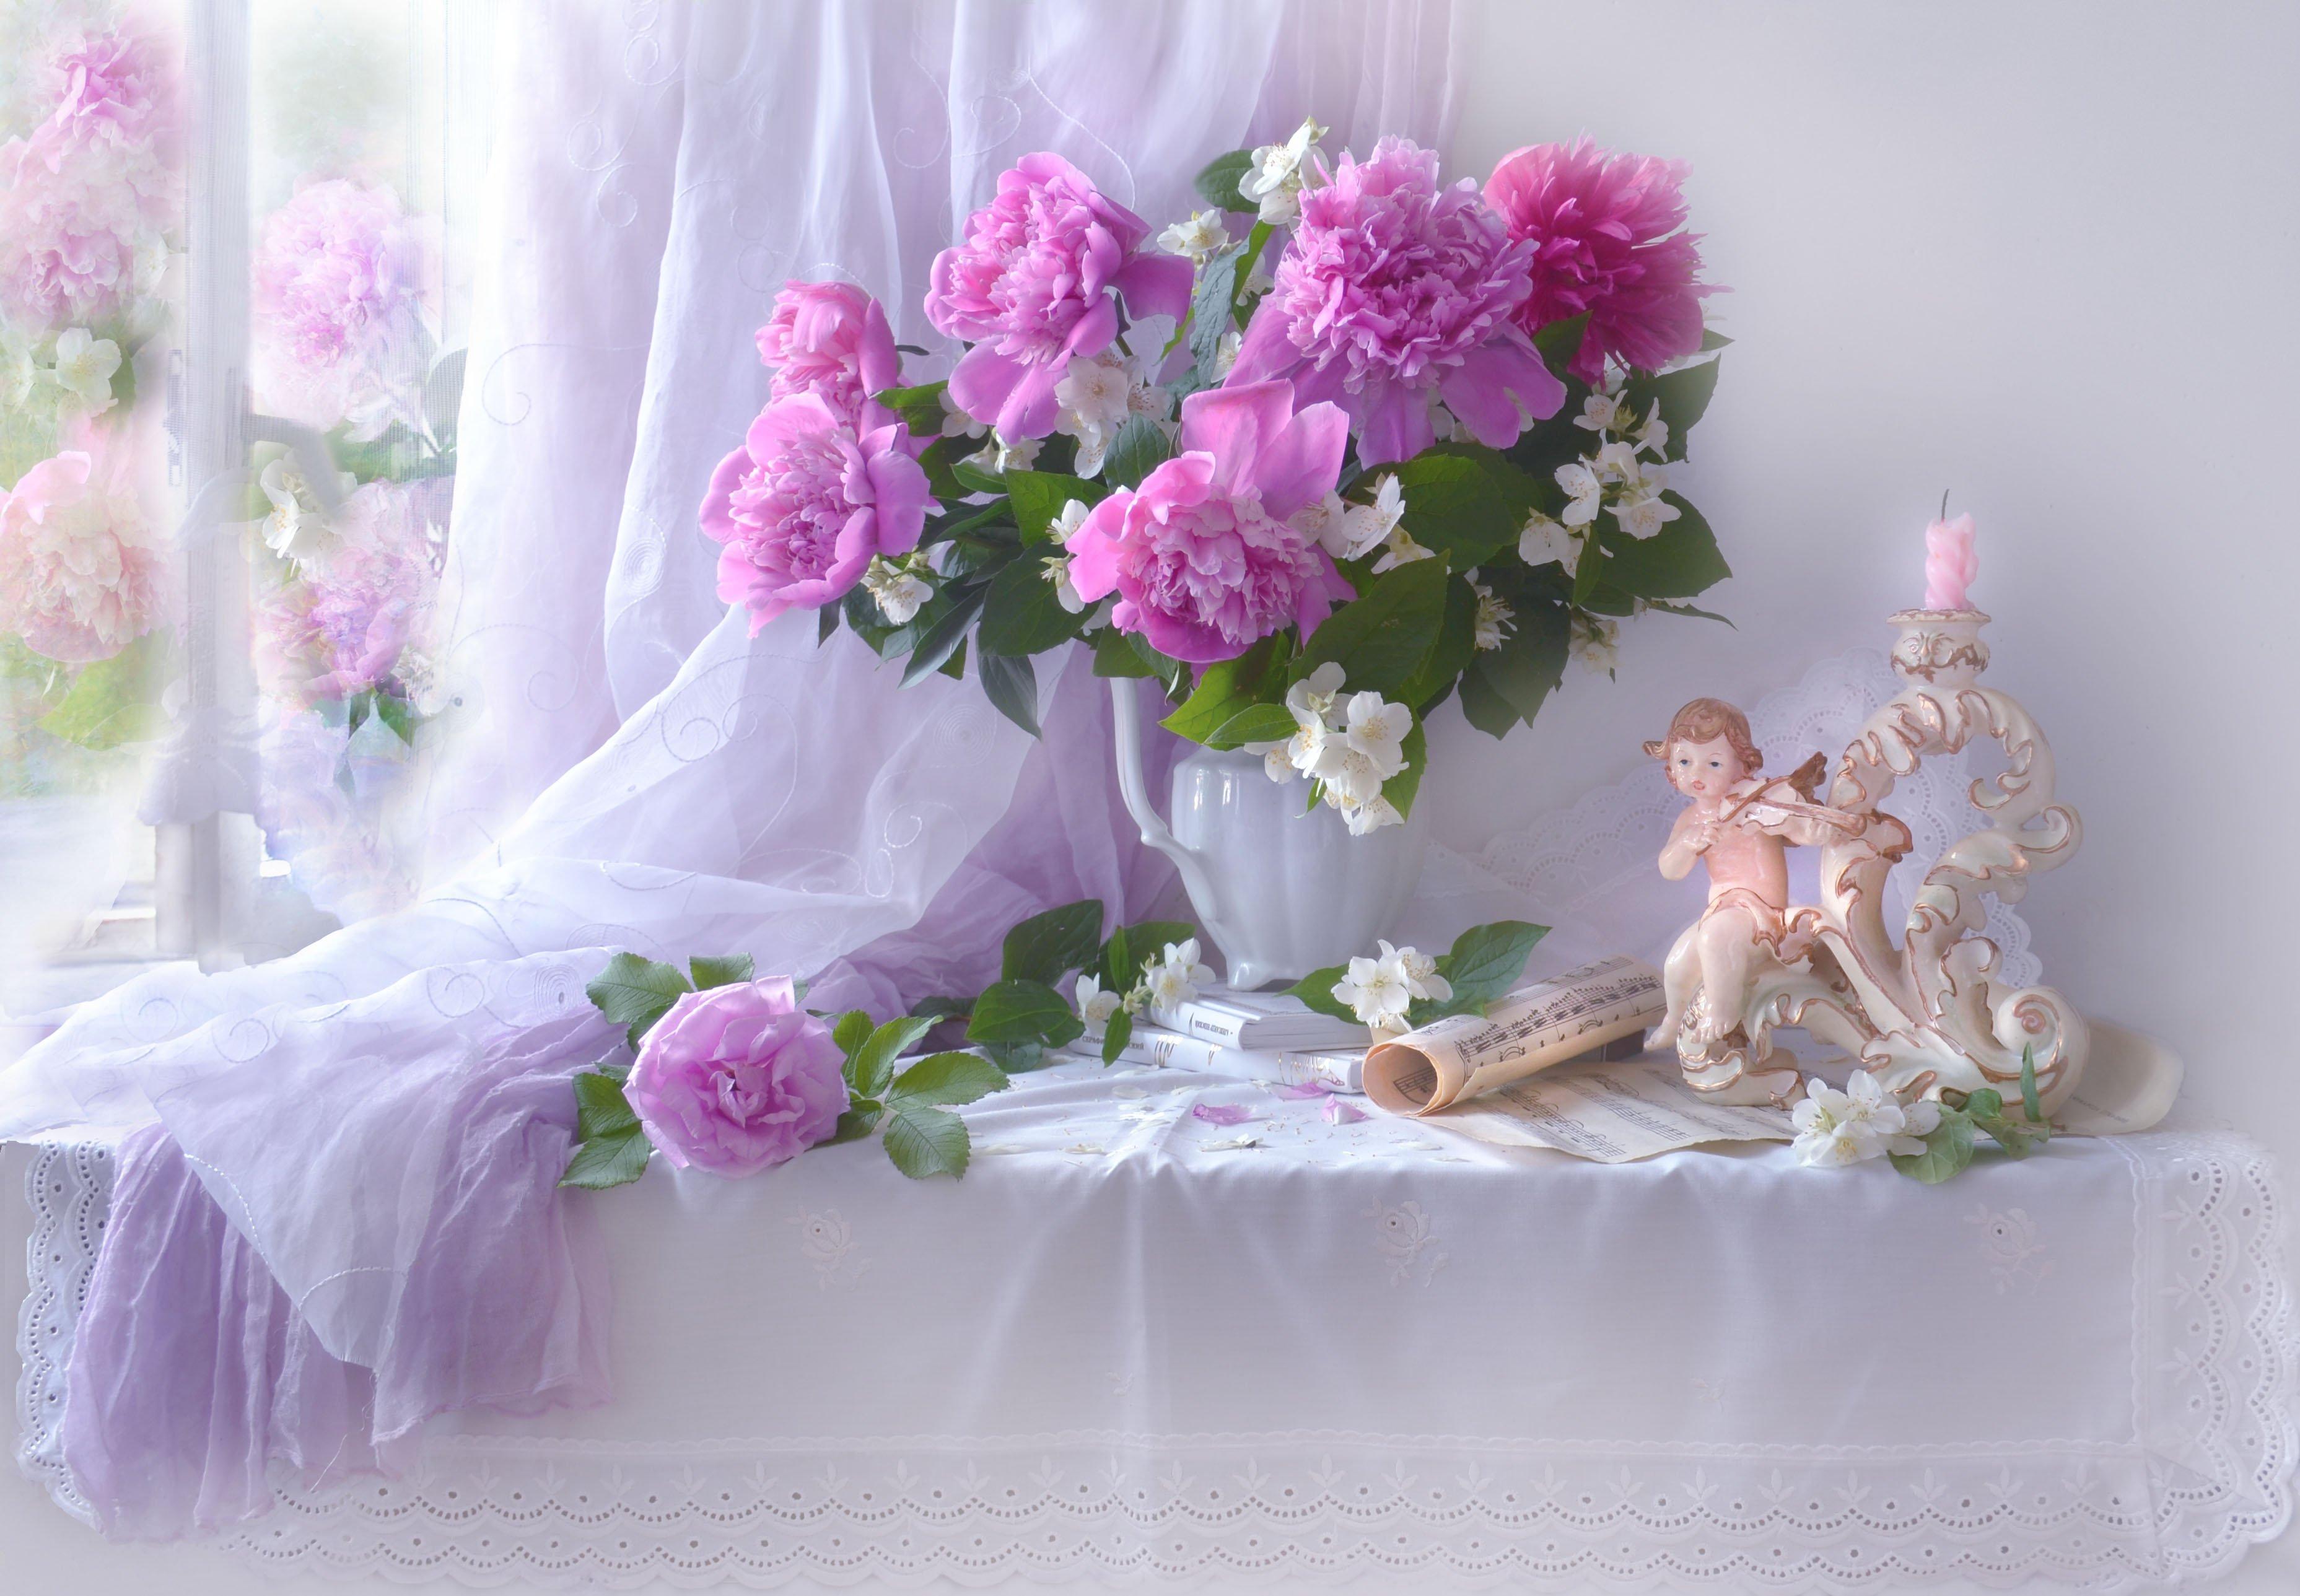 still life,натюрморт,цветы, фото натюрморт,  лето, июнь, пионы, жасмин, ноты, белые ночи, свеча, подсвечник, настроение,, Колова Валентина